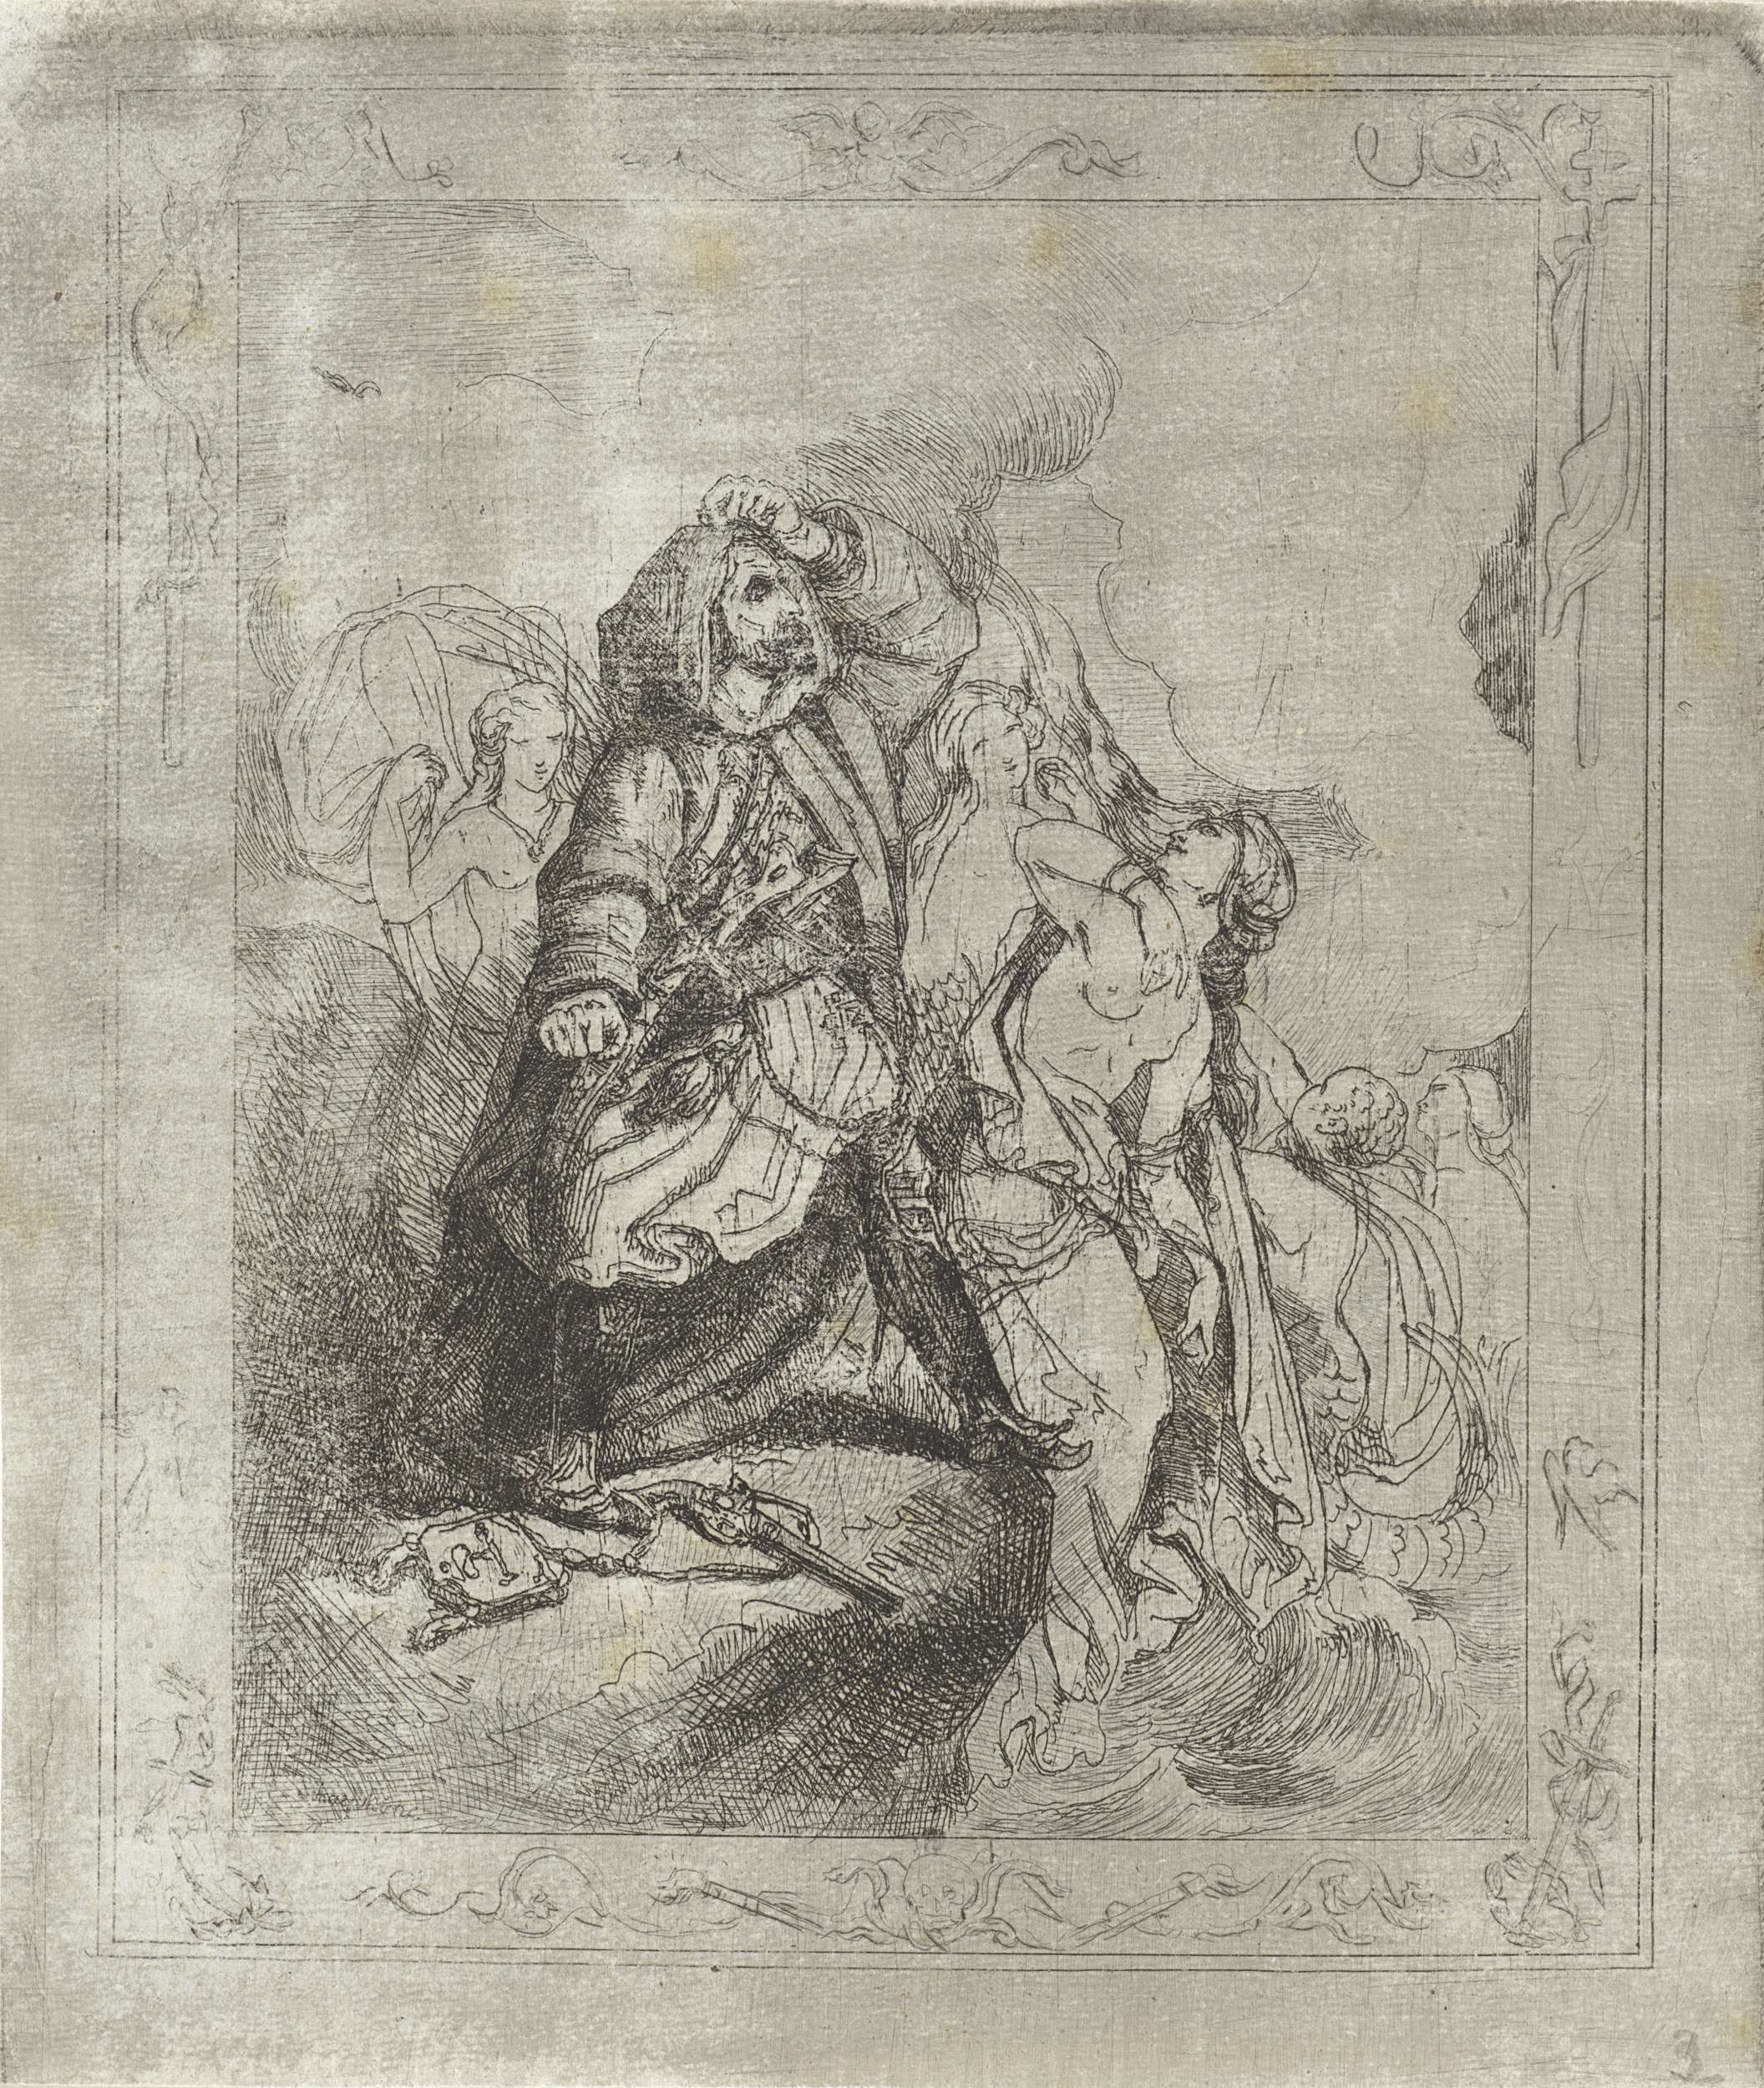 Theodoor Schaepkens | Griekse vrouwen en een Turkse strijder, Theodoor Schaepkens, 1825 - 1883 |